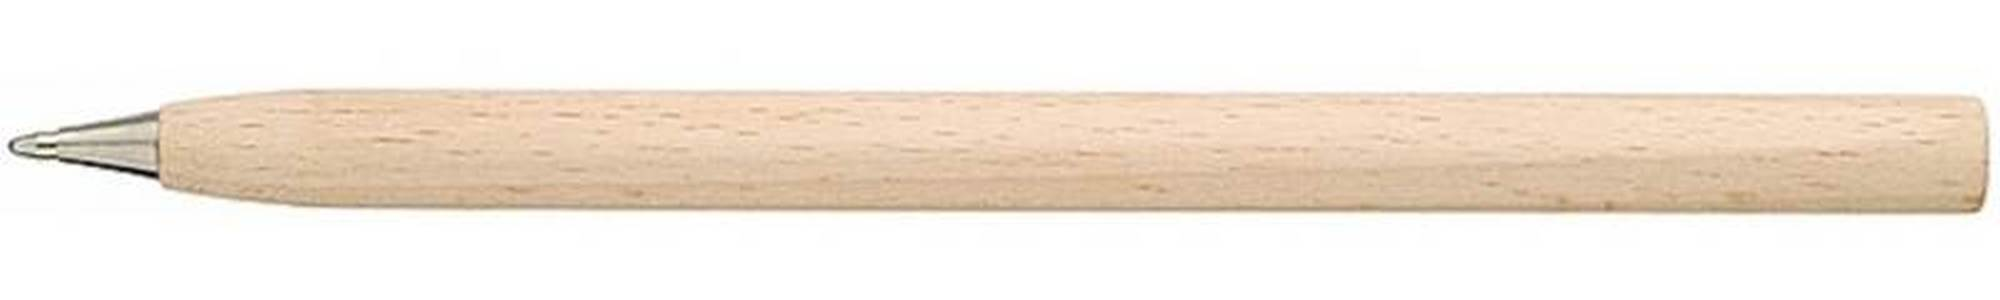 Długopisy ekologiczne drewniane – 19236